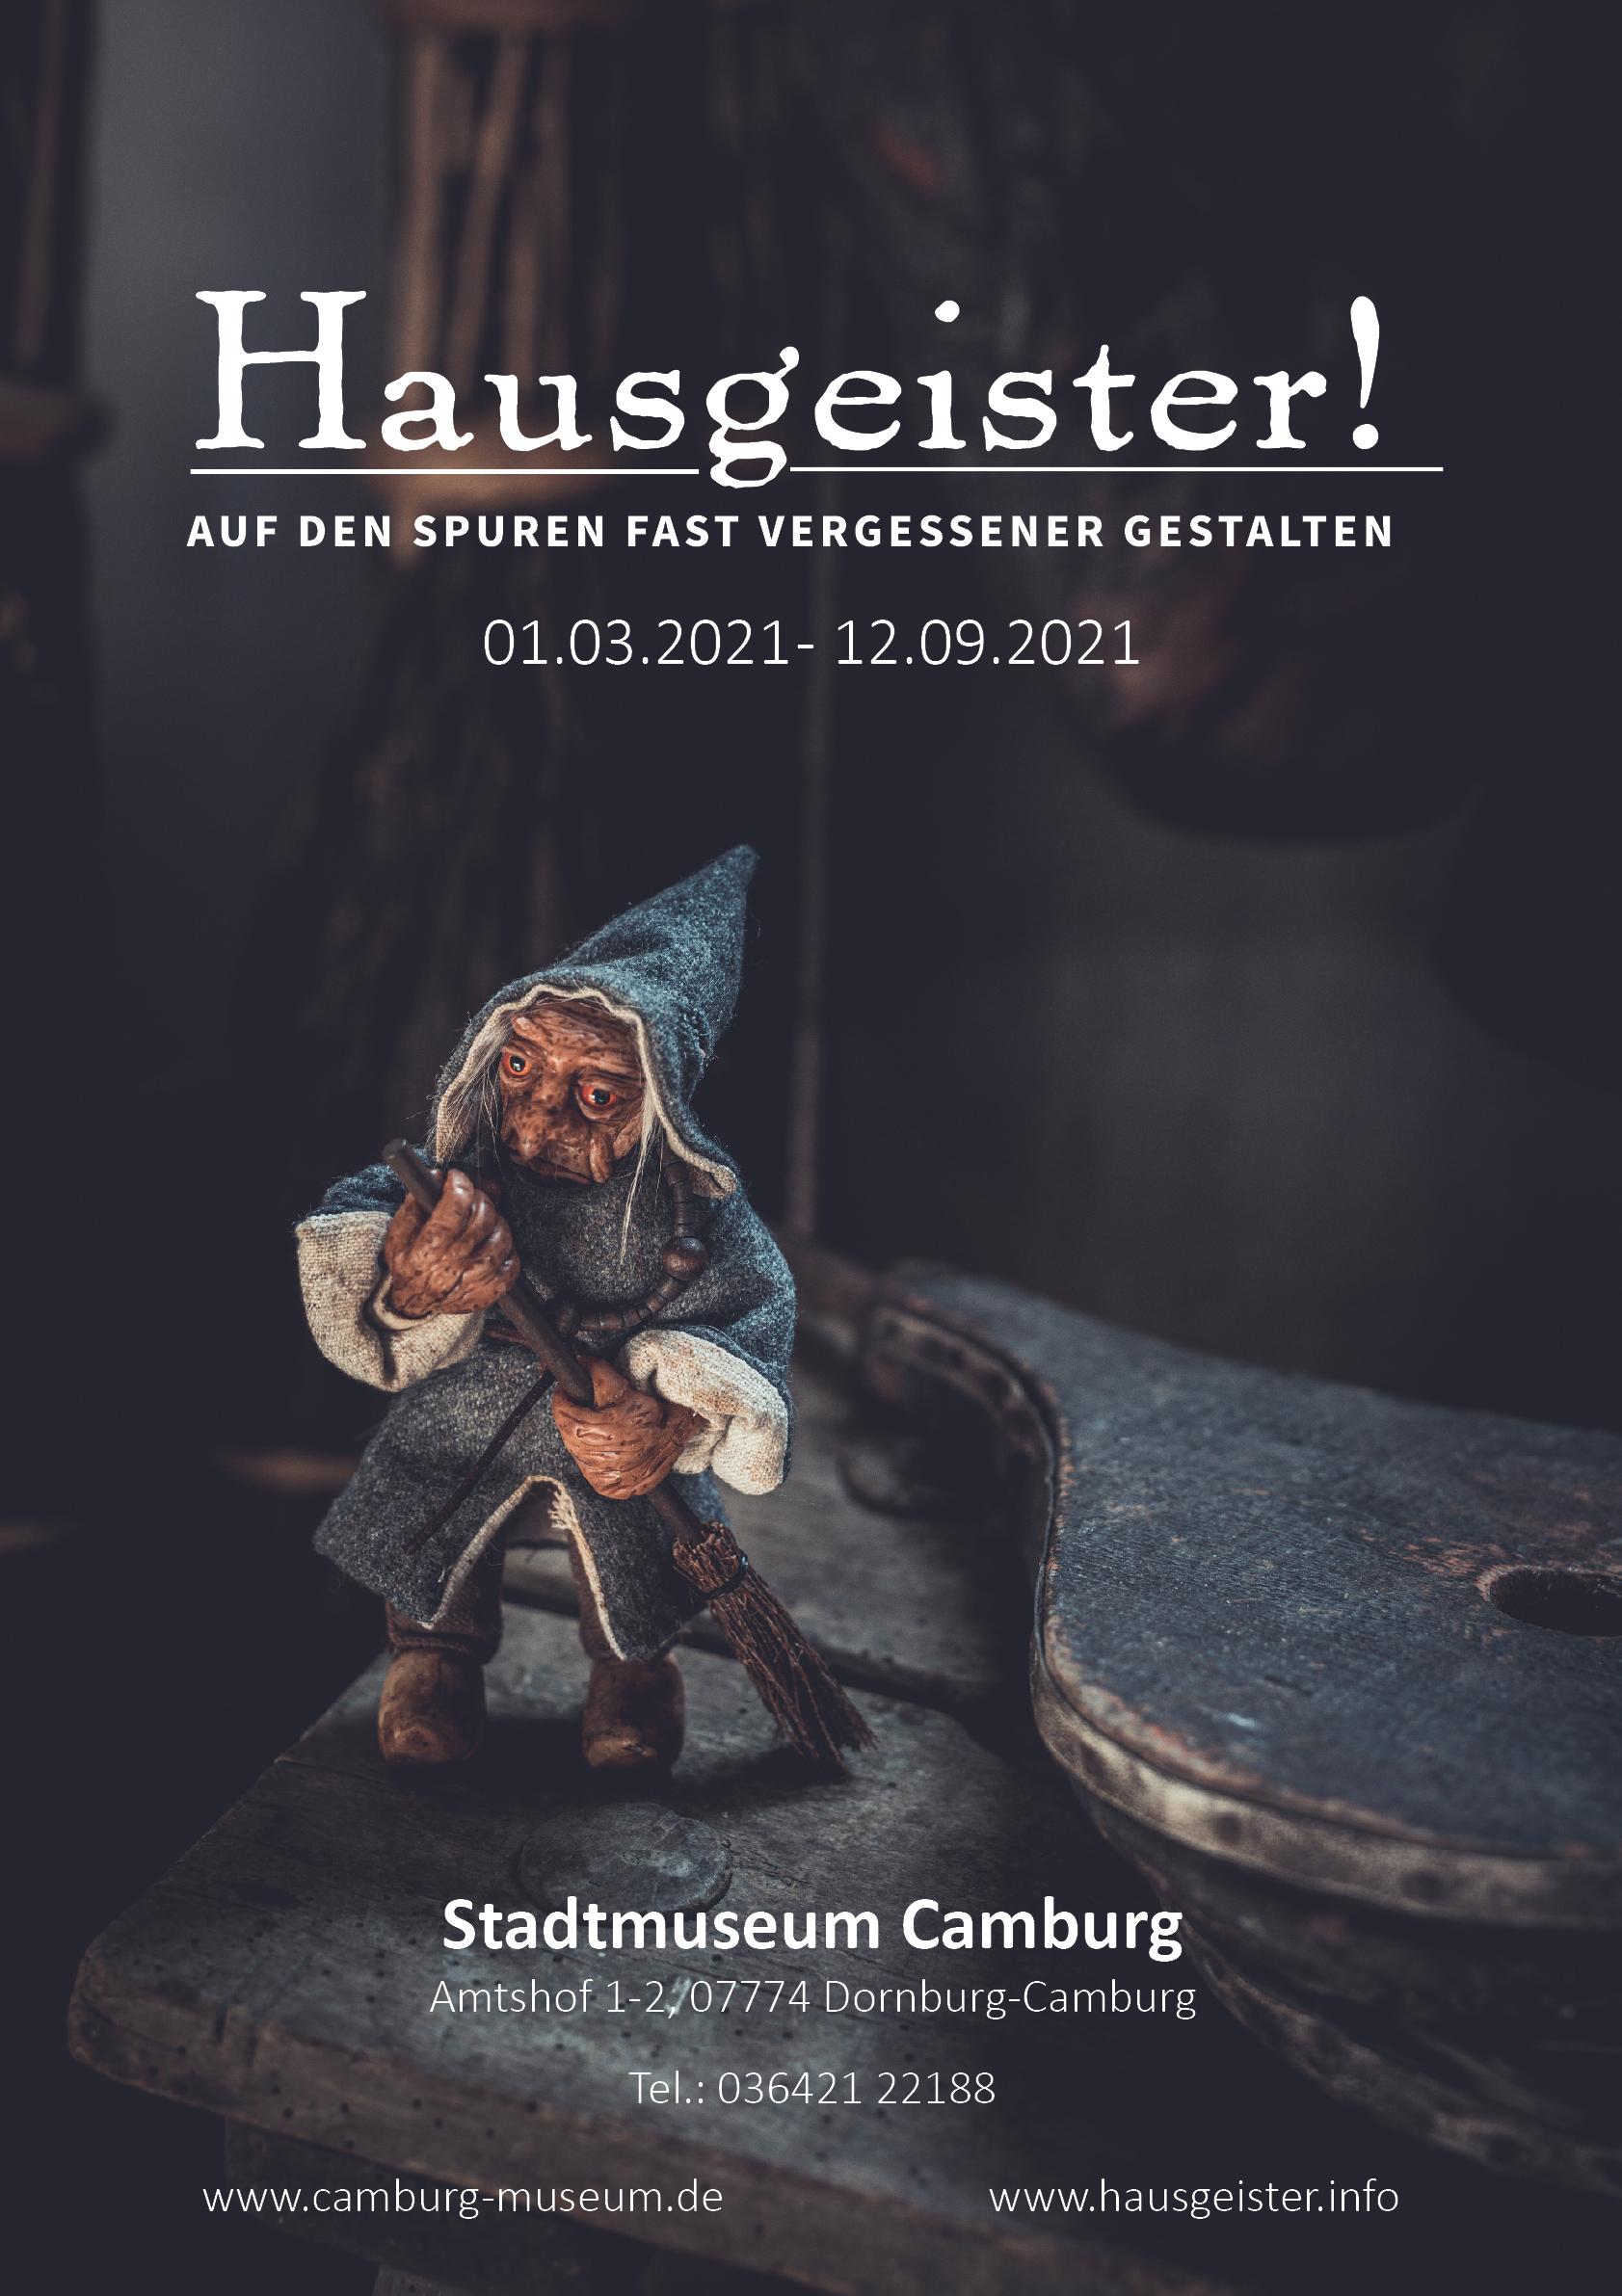 Ausstellungsbeginn: Hausgeister. Auf den Spuren fast vergessener Gestalten @ Stadtmuseum Camburg